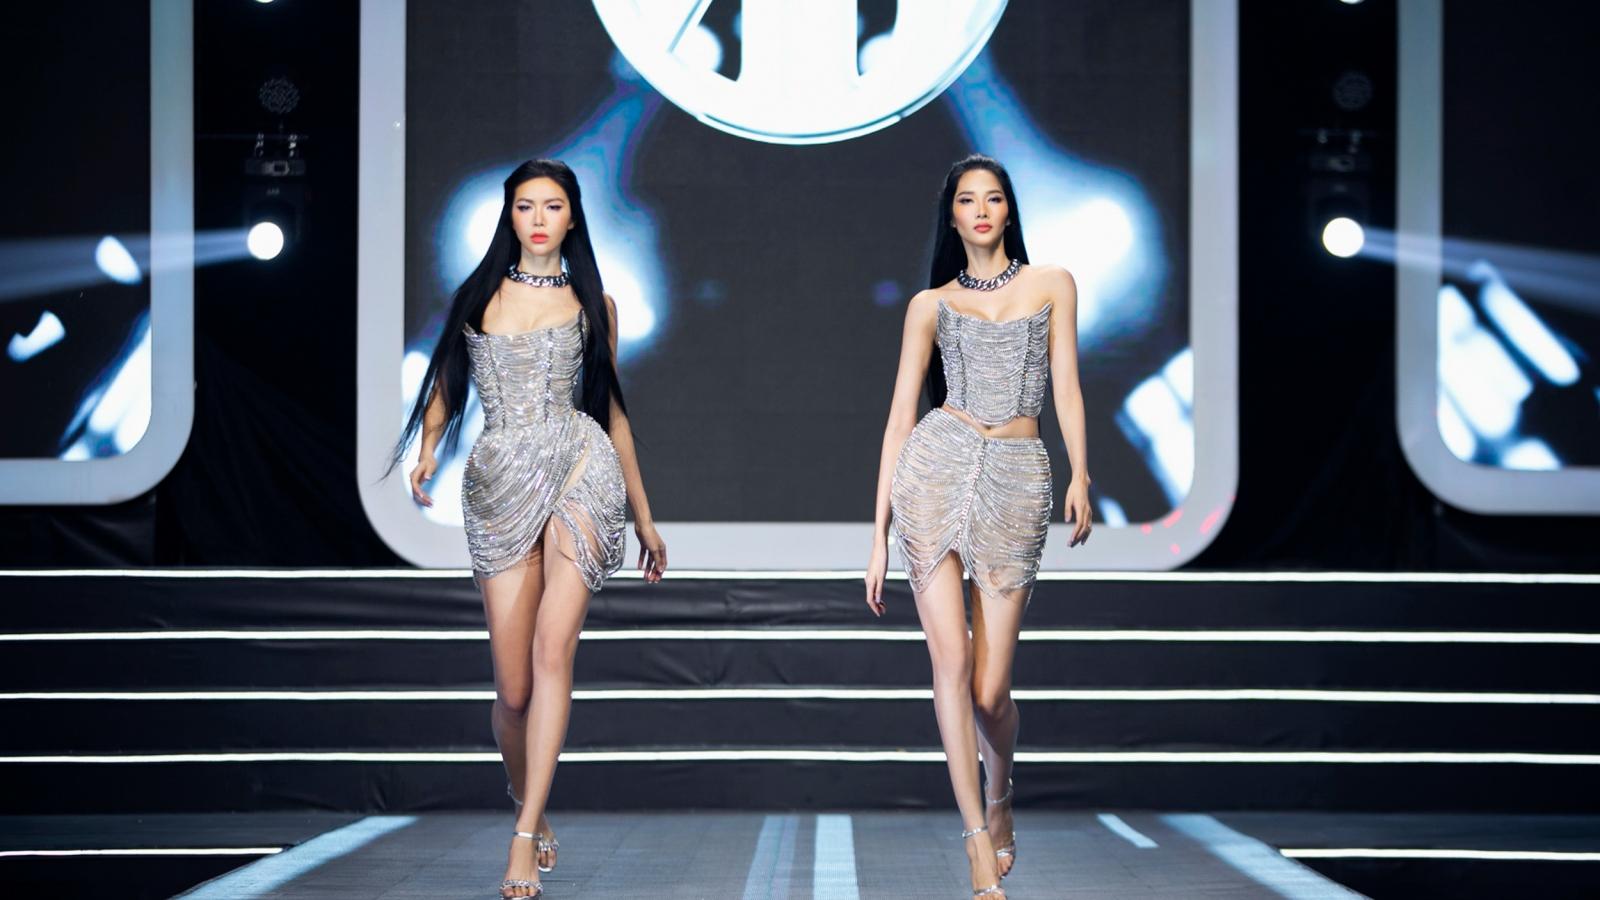 Minh Tú – Hoàng Thuỳ lần đầu cùng sải bước trong show diễn thời trang